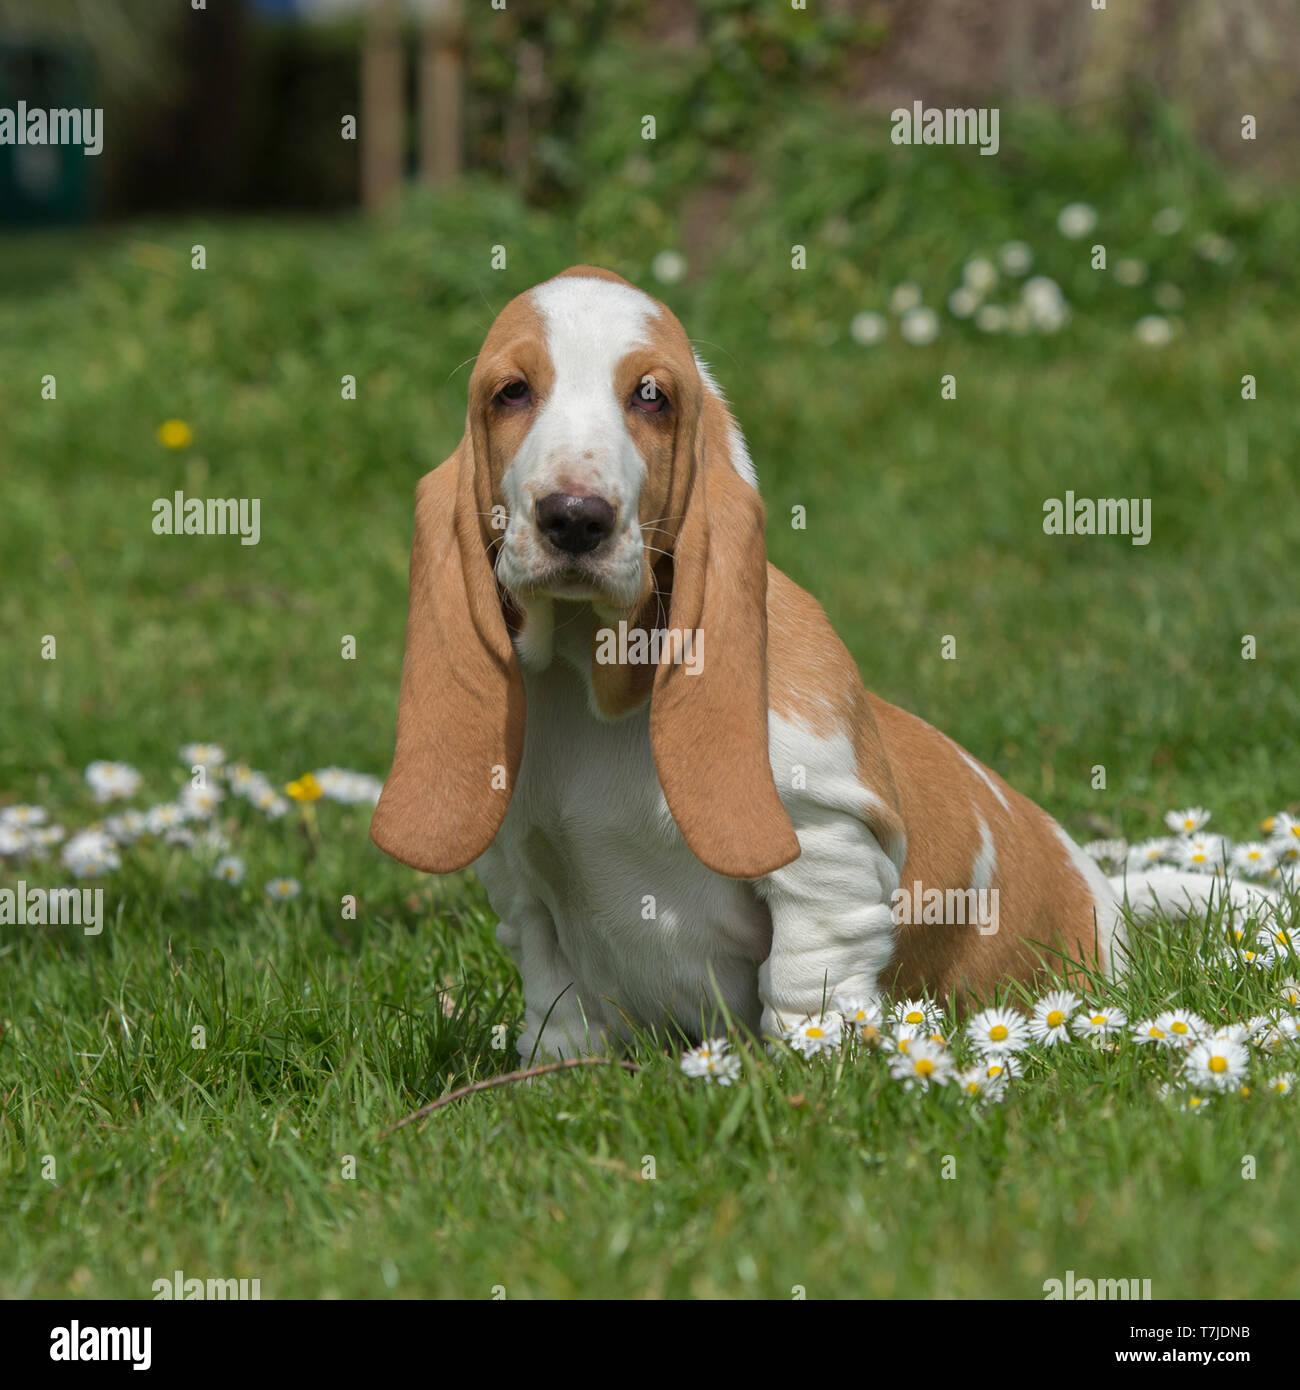 basset hound puppy - Stock Image